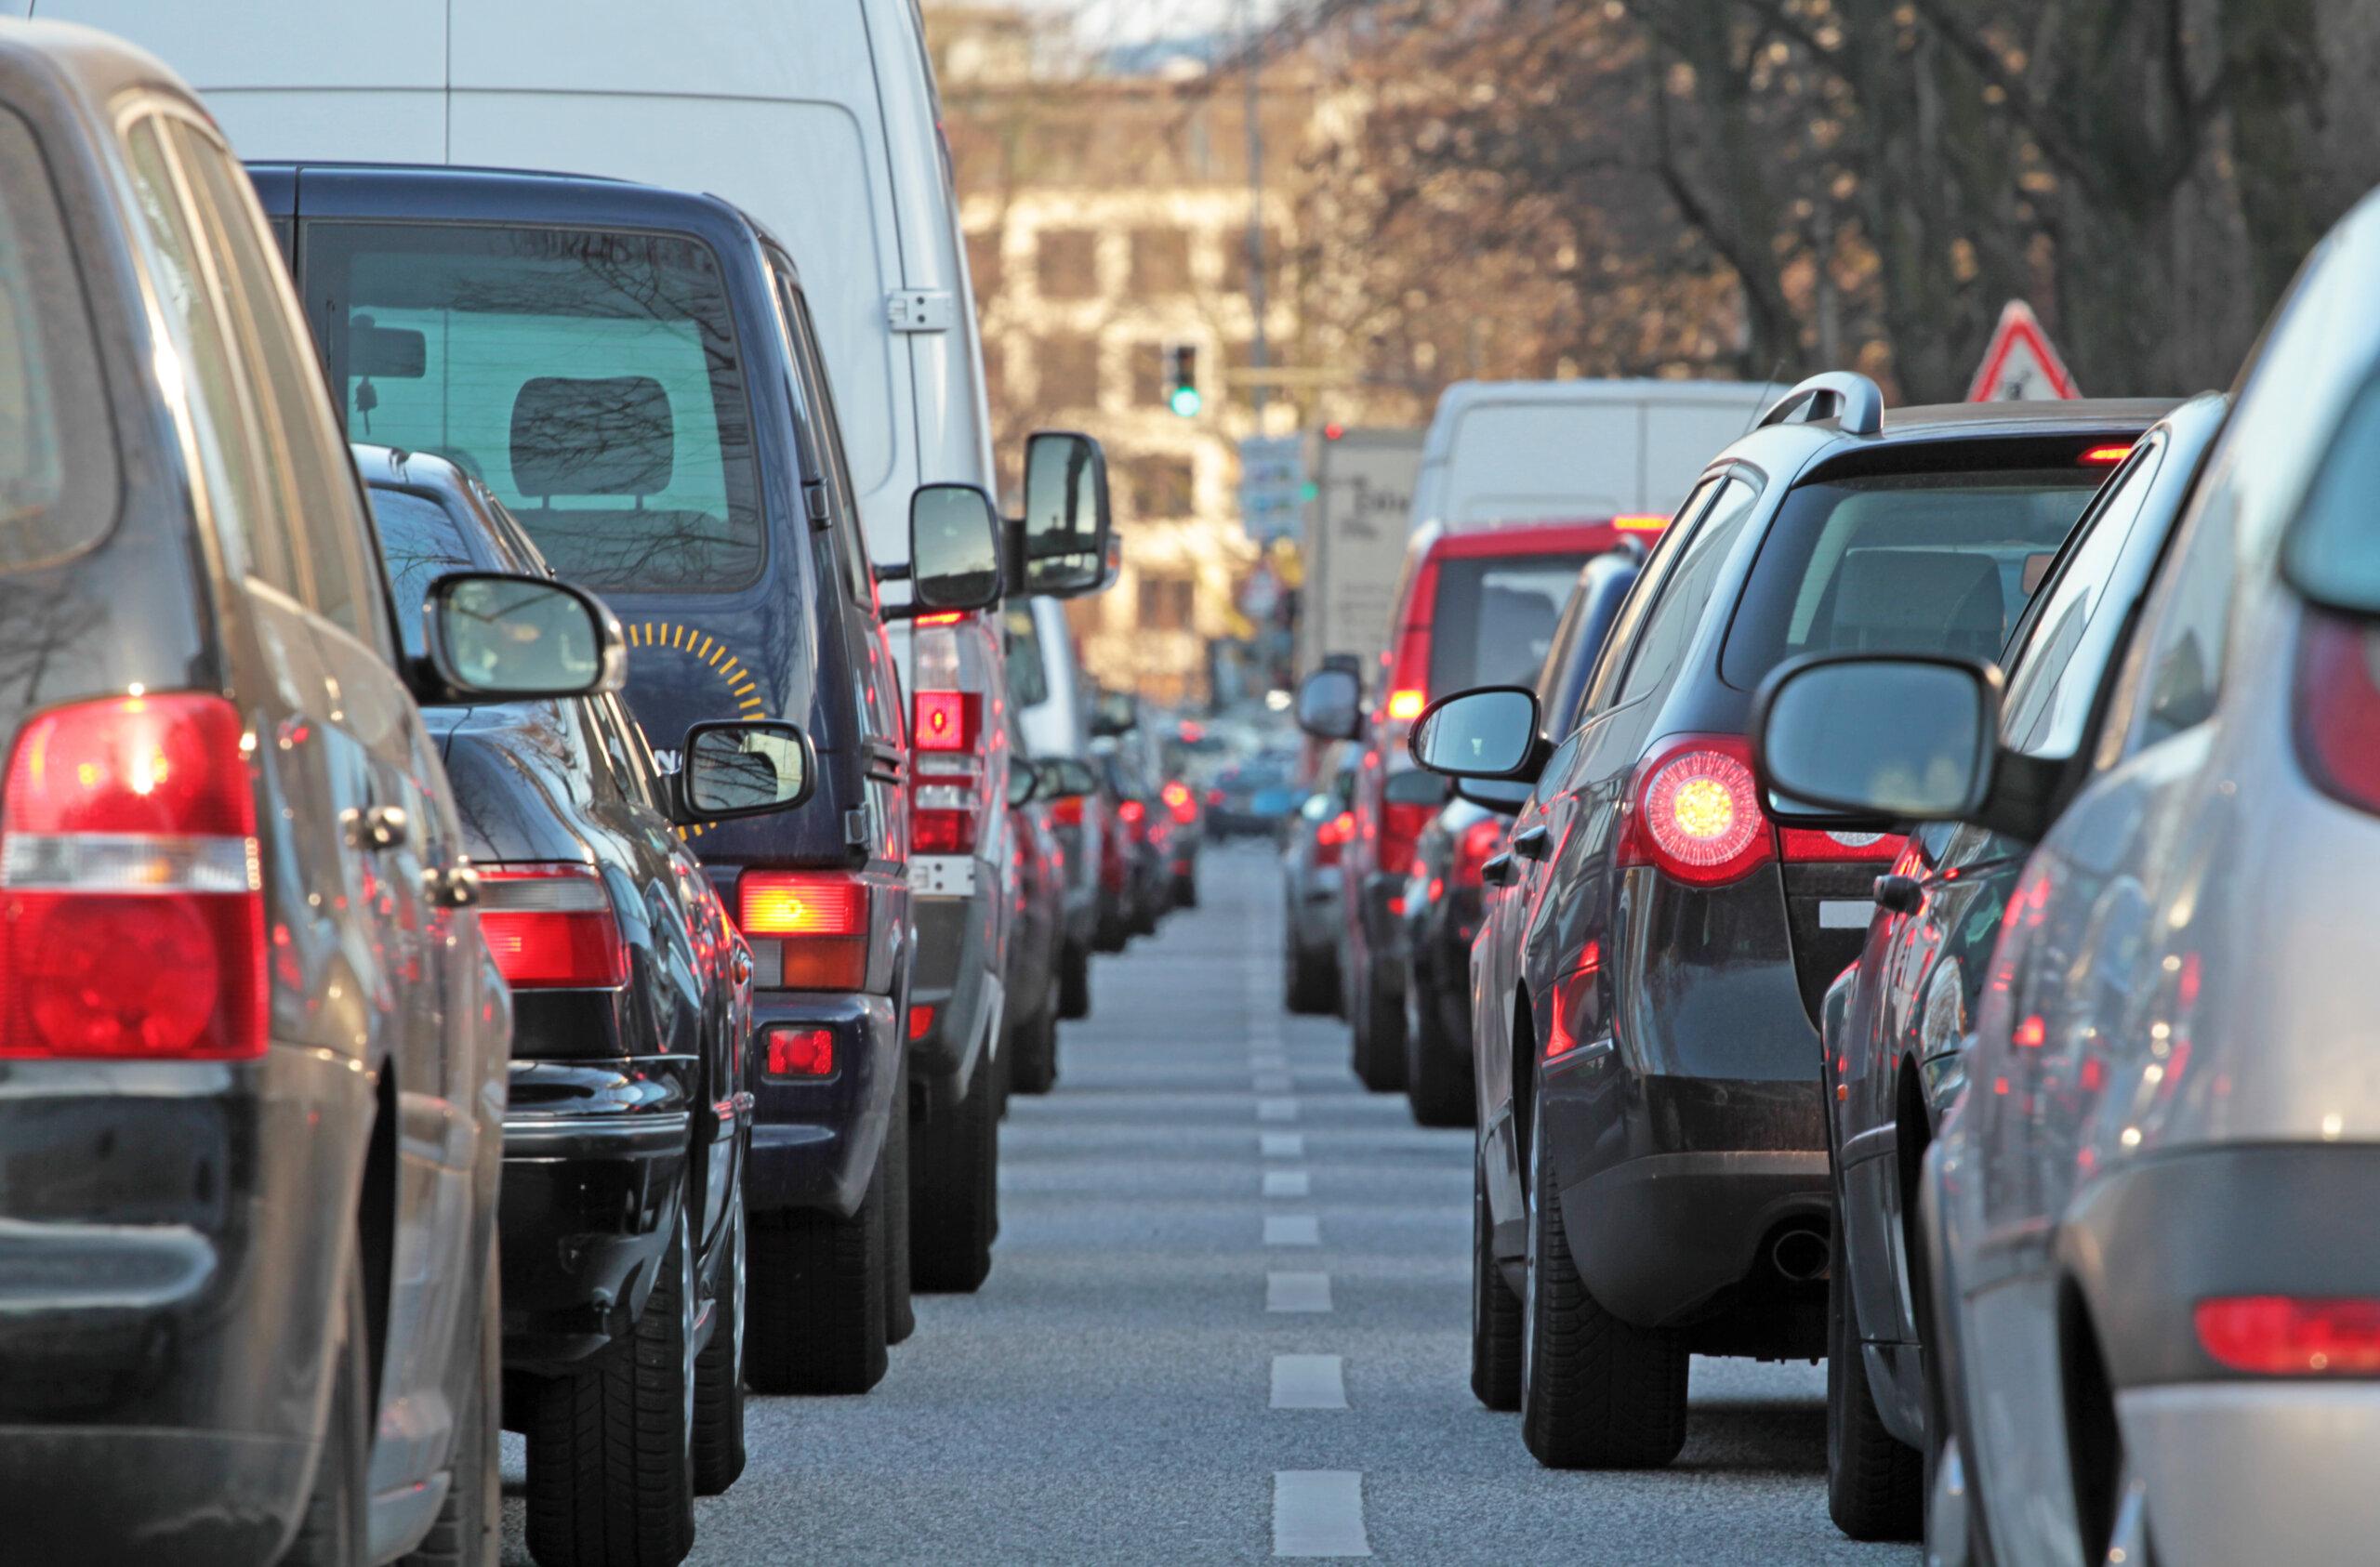 スマートパーキングは、交通渋滞の緩和に寄与する